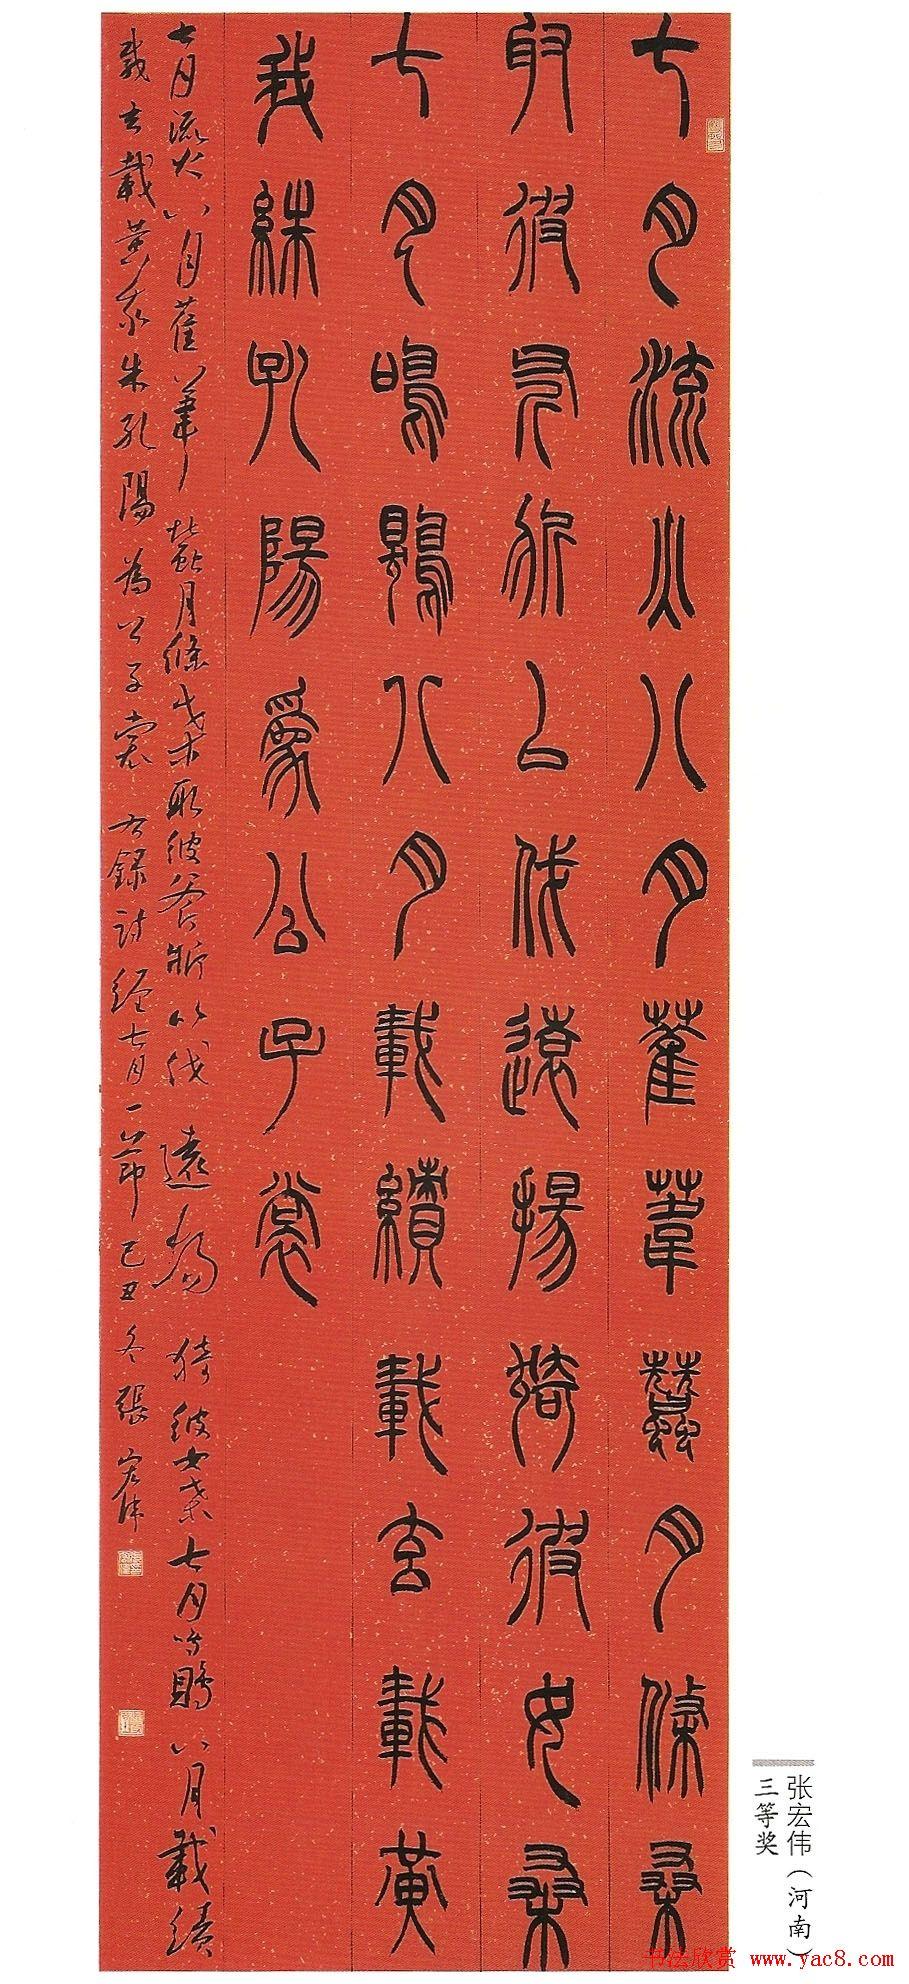 首届篆书展获奖书法作品欣赏 第4页 书法展览 书法欣赏